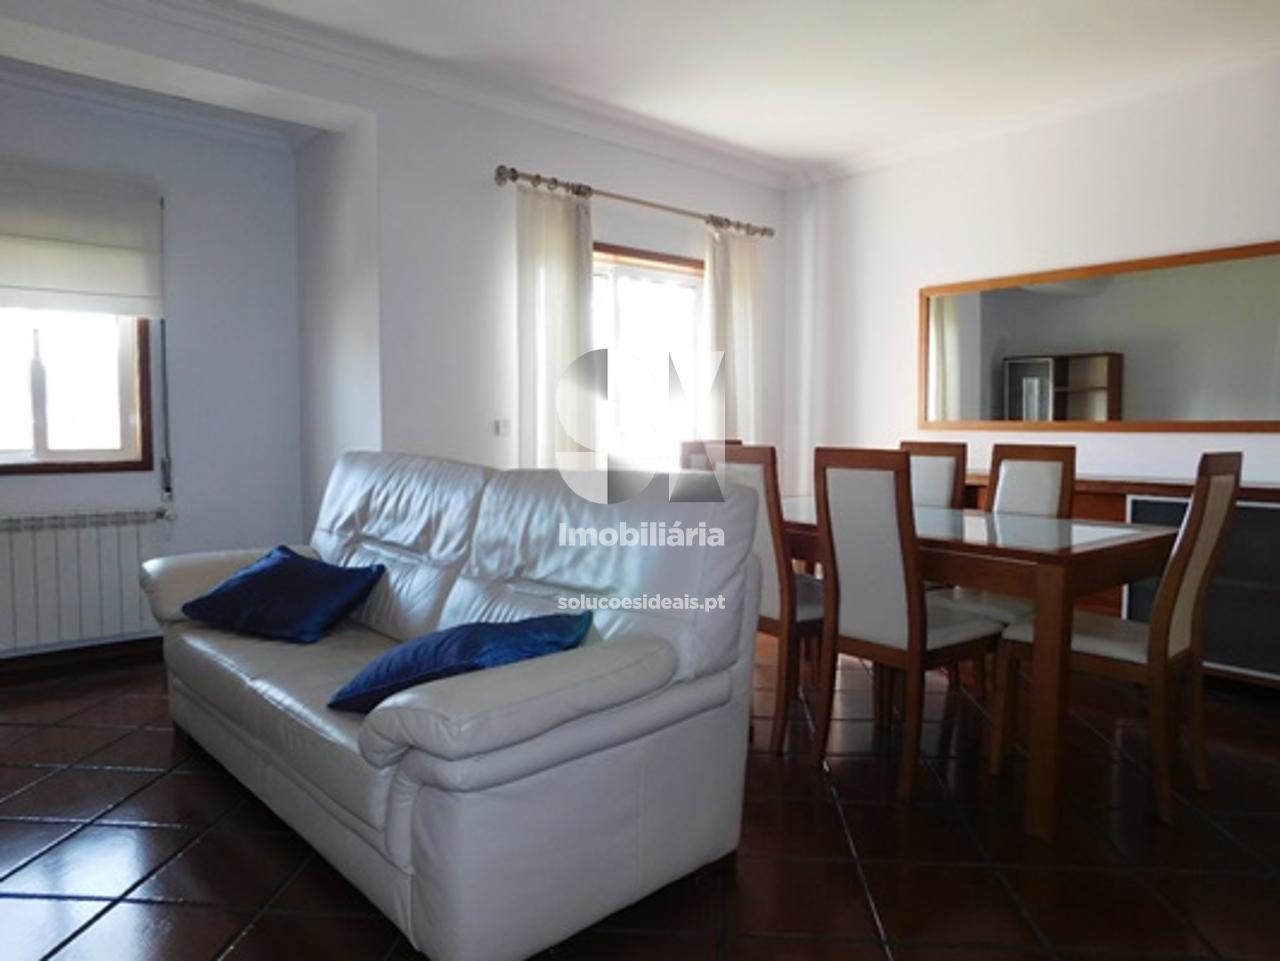 apartamento t3 para compra em aveiro uniao das freguesias de gloria e vera cruz bairro do liceu AVGLB1759